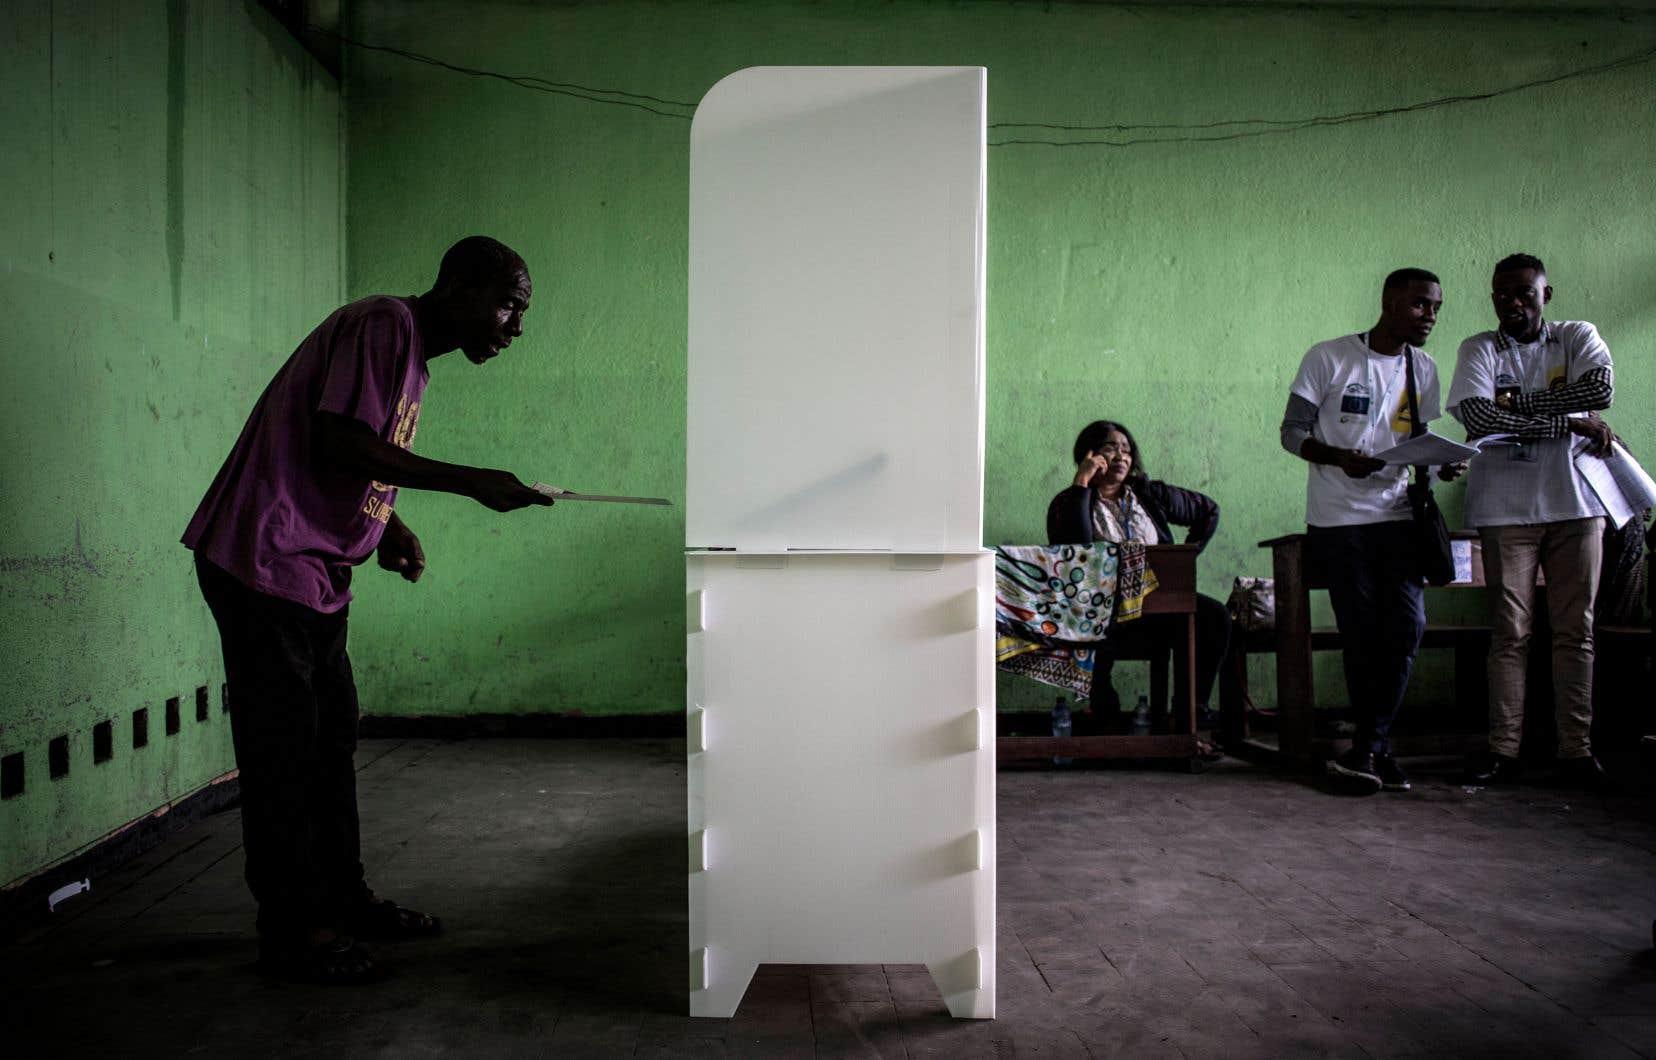 Un Congolais en train d'exercer son droit de vote dans un bureau électoral de la capitale de la RDC, Kinshasa, à l'occasion de la tenue du scrutin présidentiel qui a été reporté à trois reprises depuis deux ans.